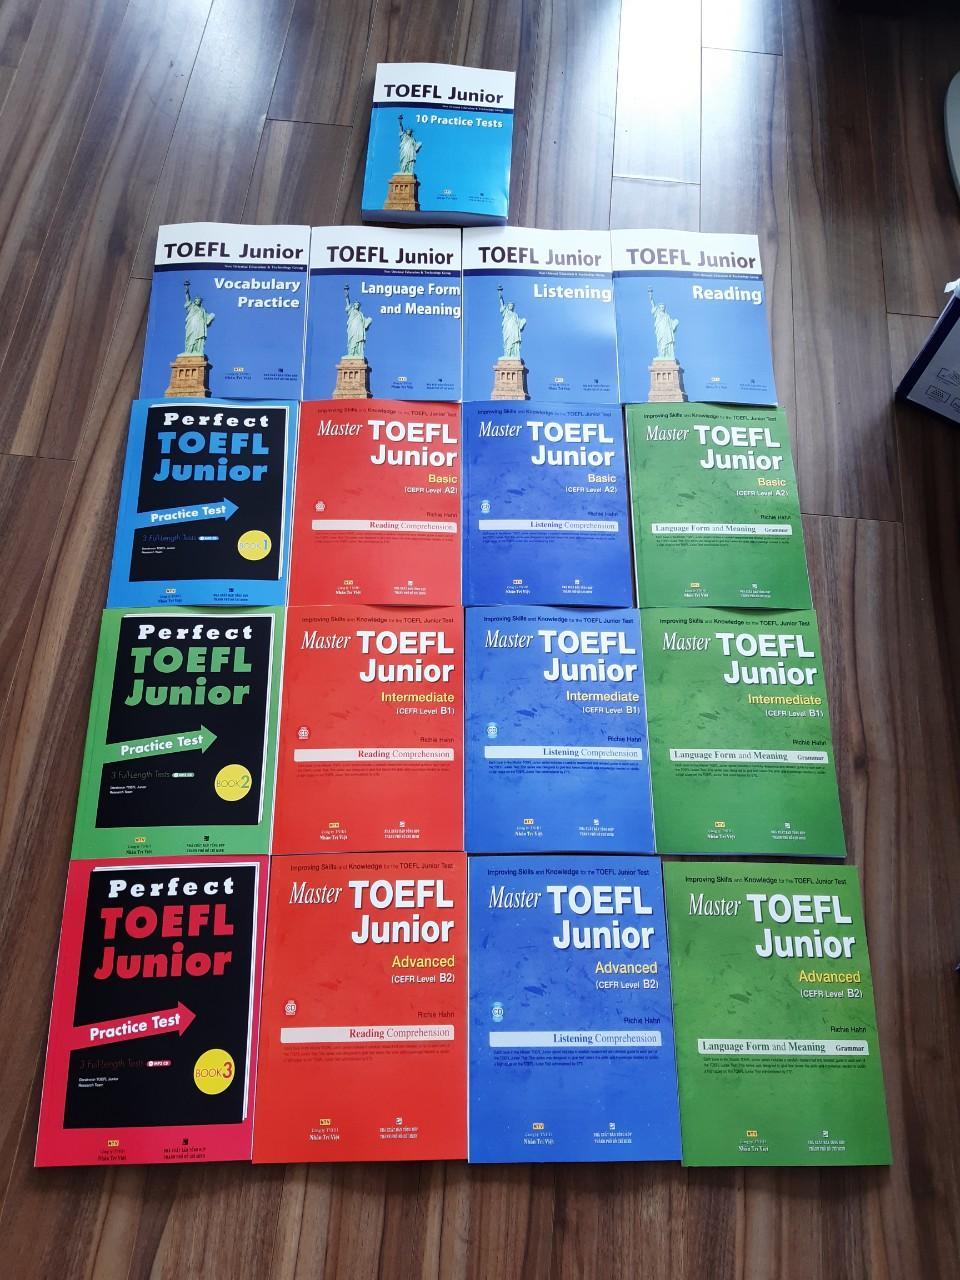 Giá Quá Tốt Để Có TOEFL Junior ( Bộ 17 Cuốn)